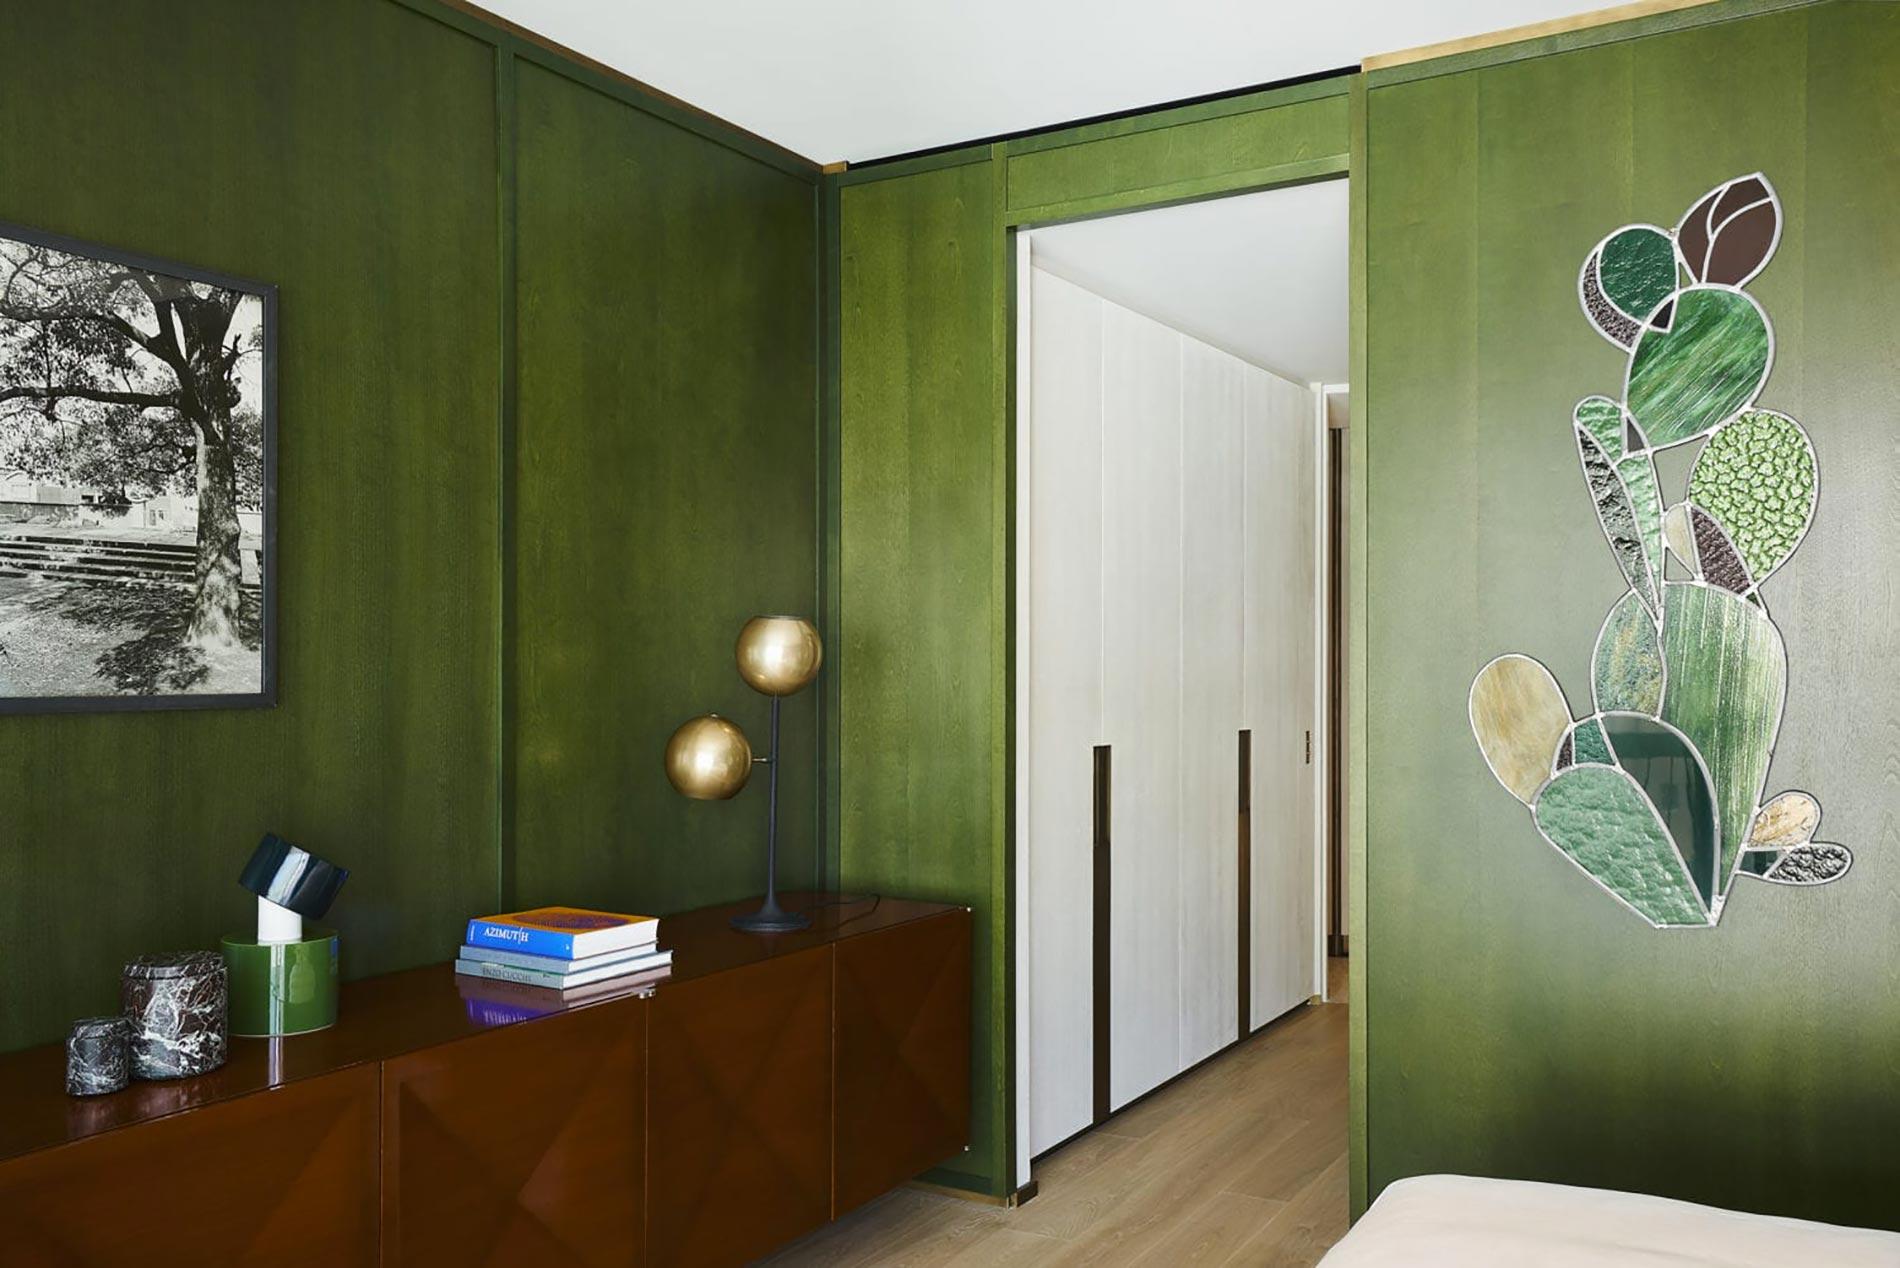 appartamento sud francia camera da letto